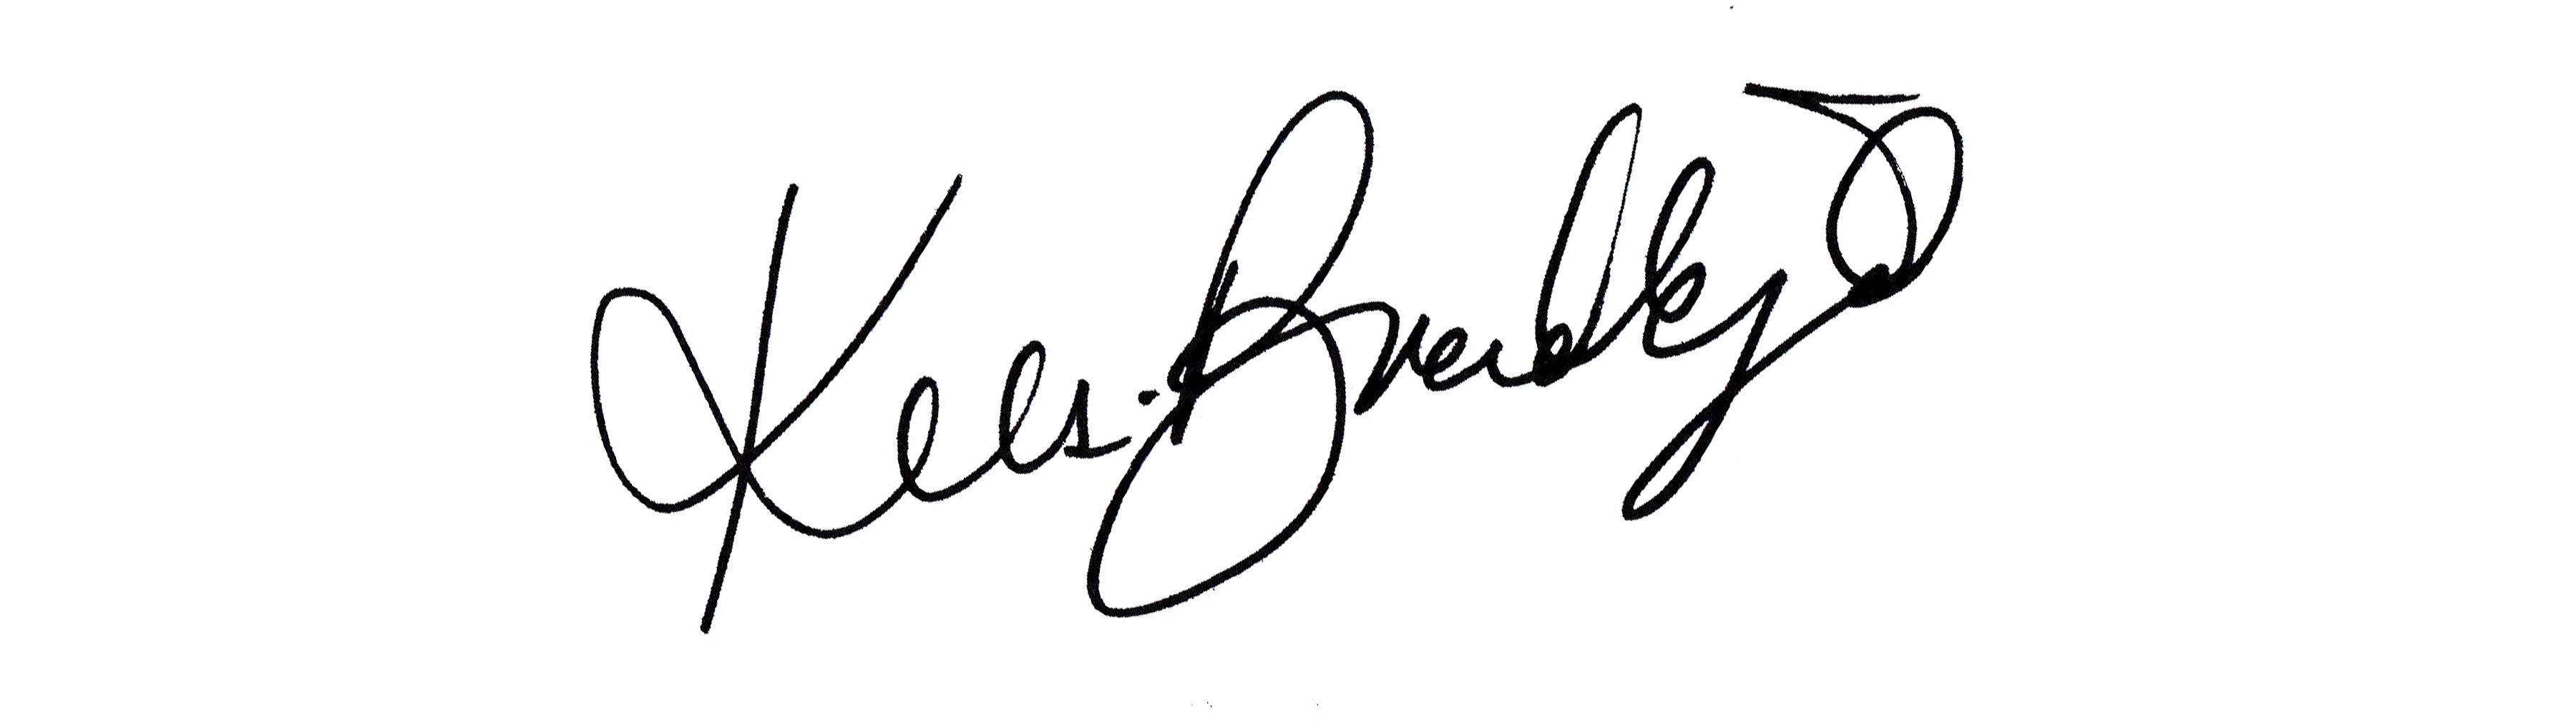 Designer Kel's Signature